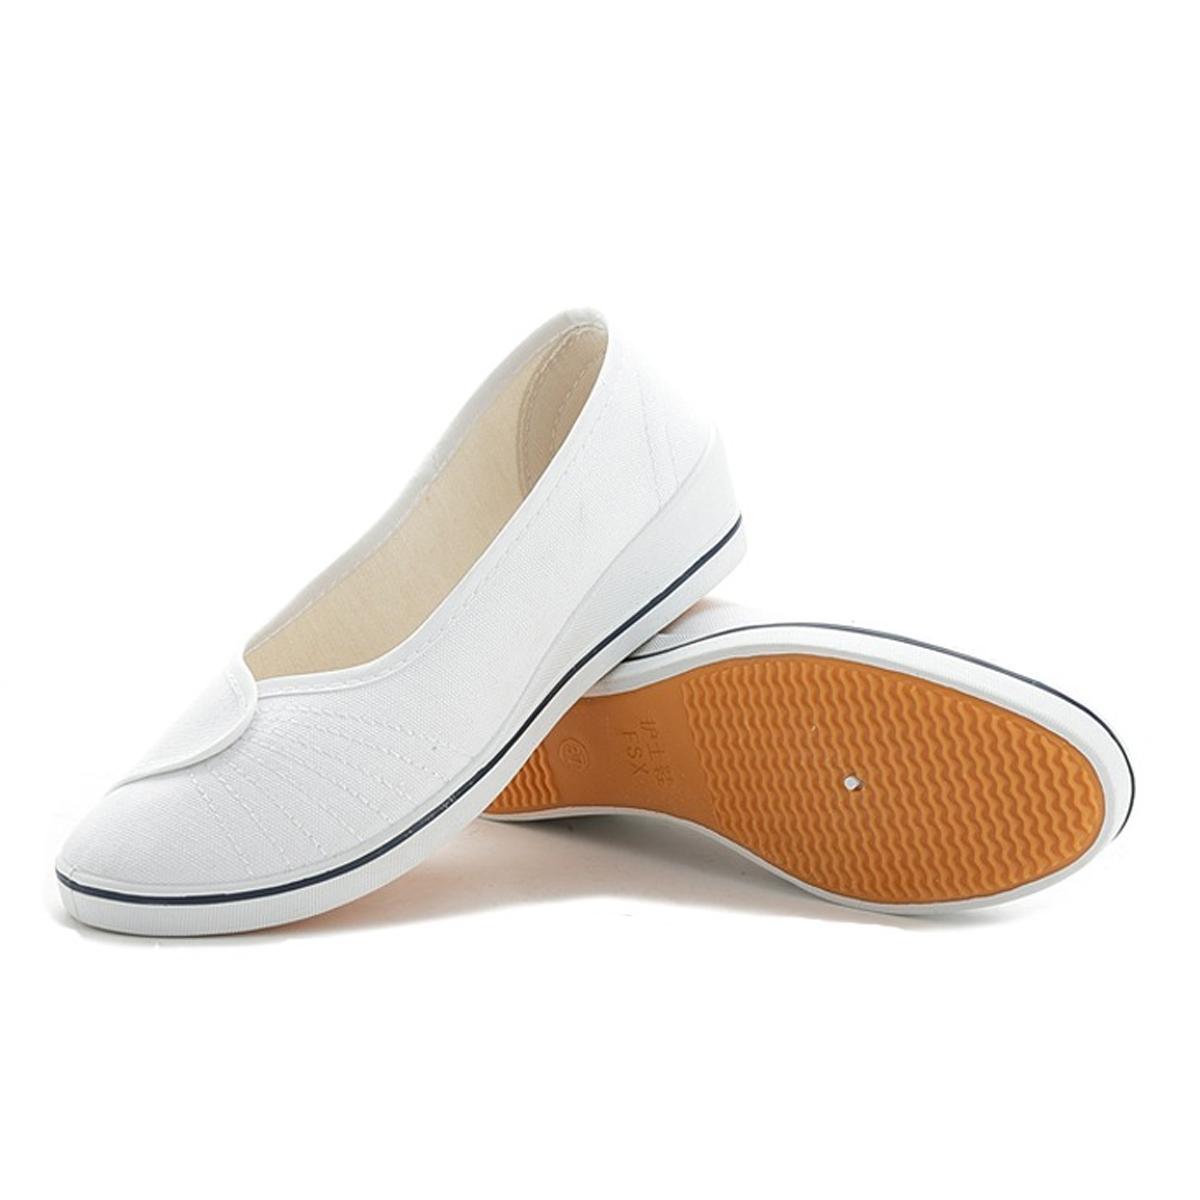 Giày búp bê đi bộ cực êm chân (Trắng)